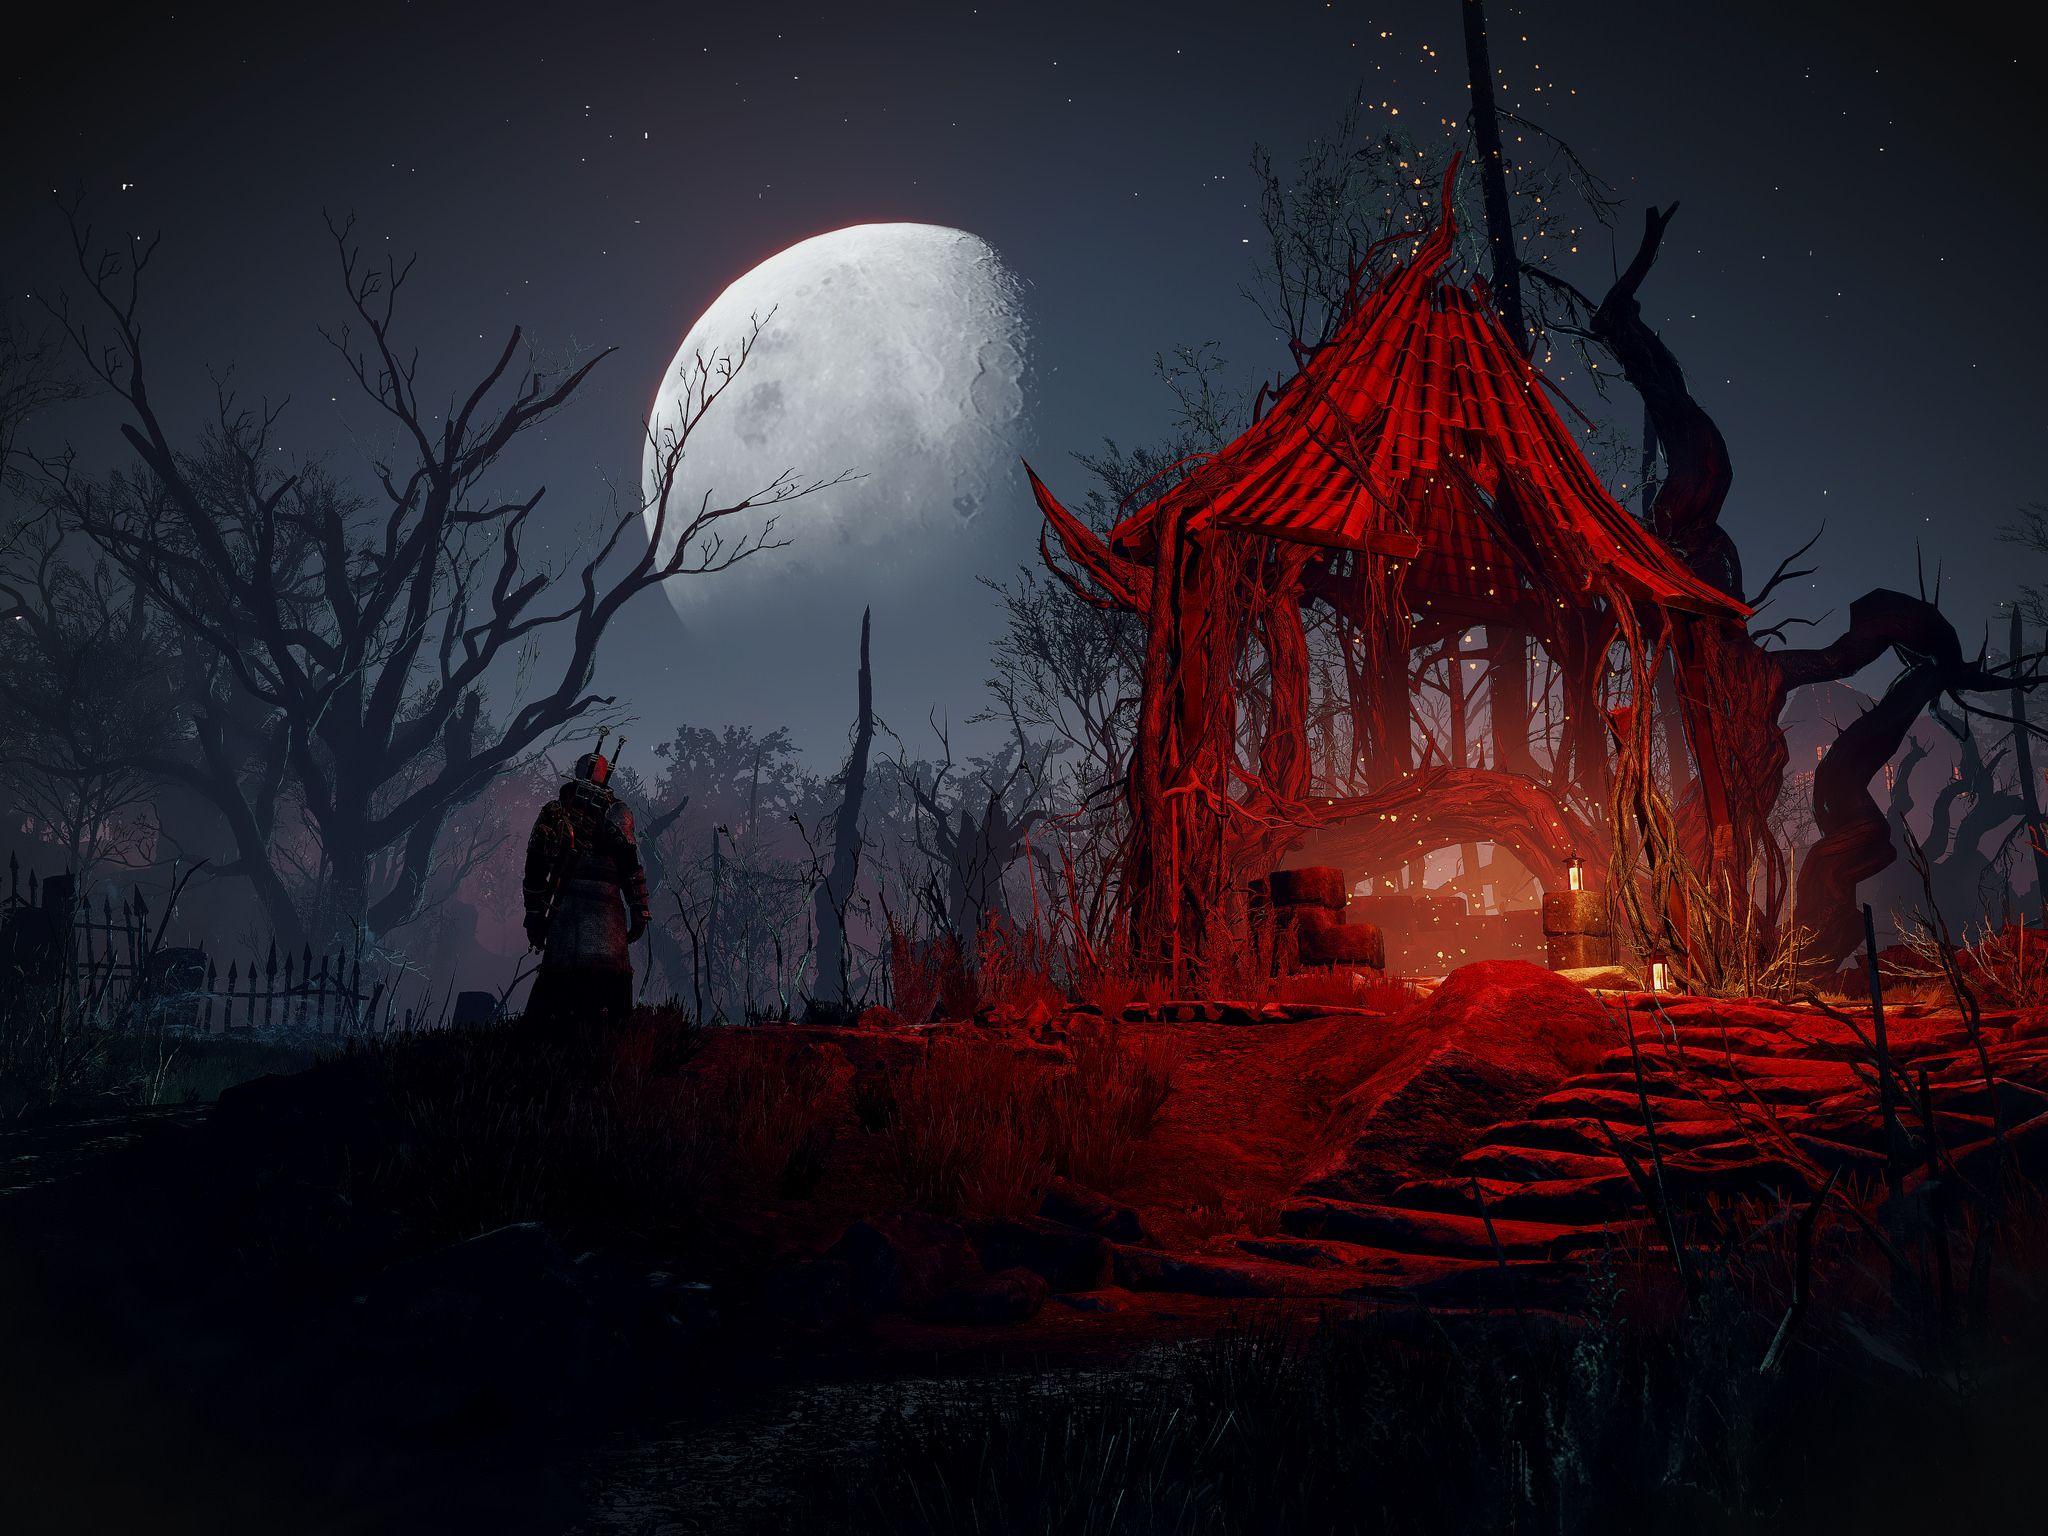 The Witcher 3 Wild Hunt The Witcher The Witcher 3 Witcher Art